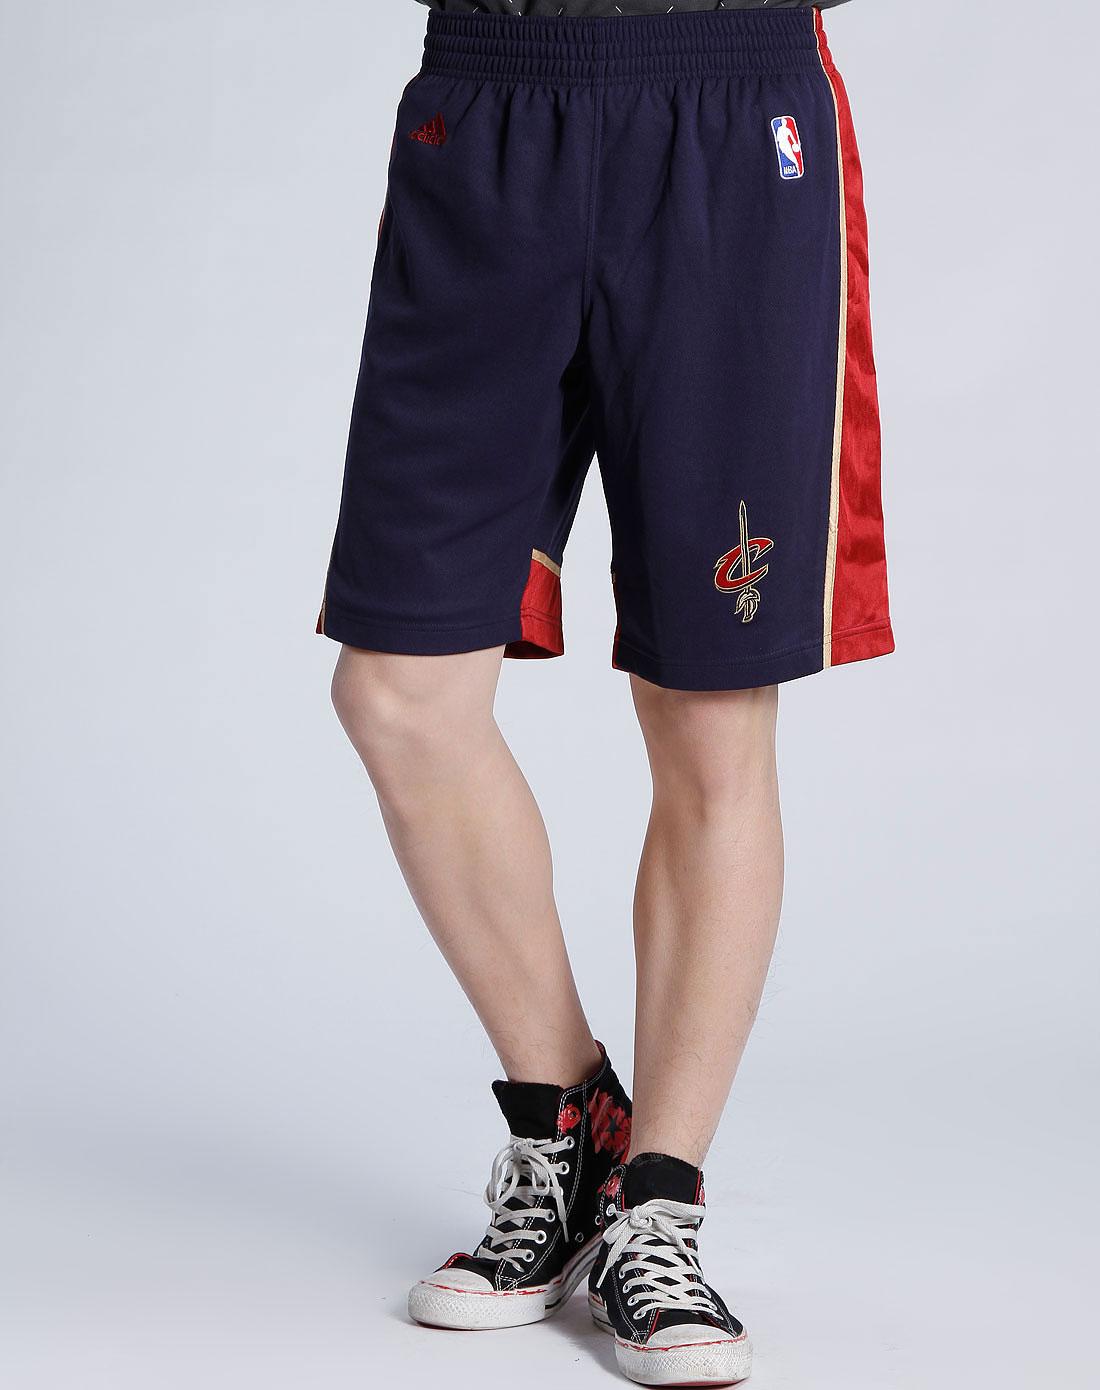 阿迪达斯adidas男装专场-男款深蓝色图案篮球短裤